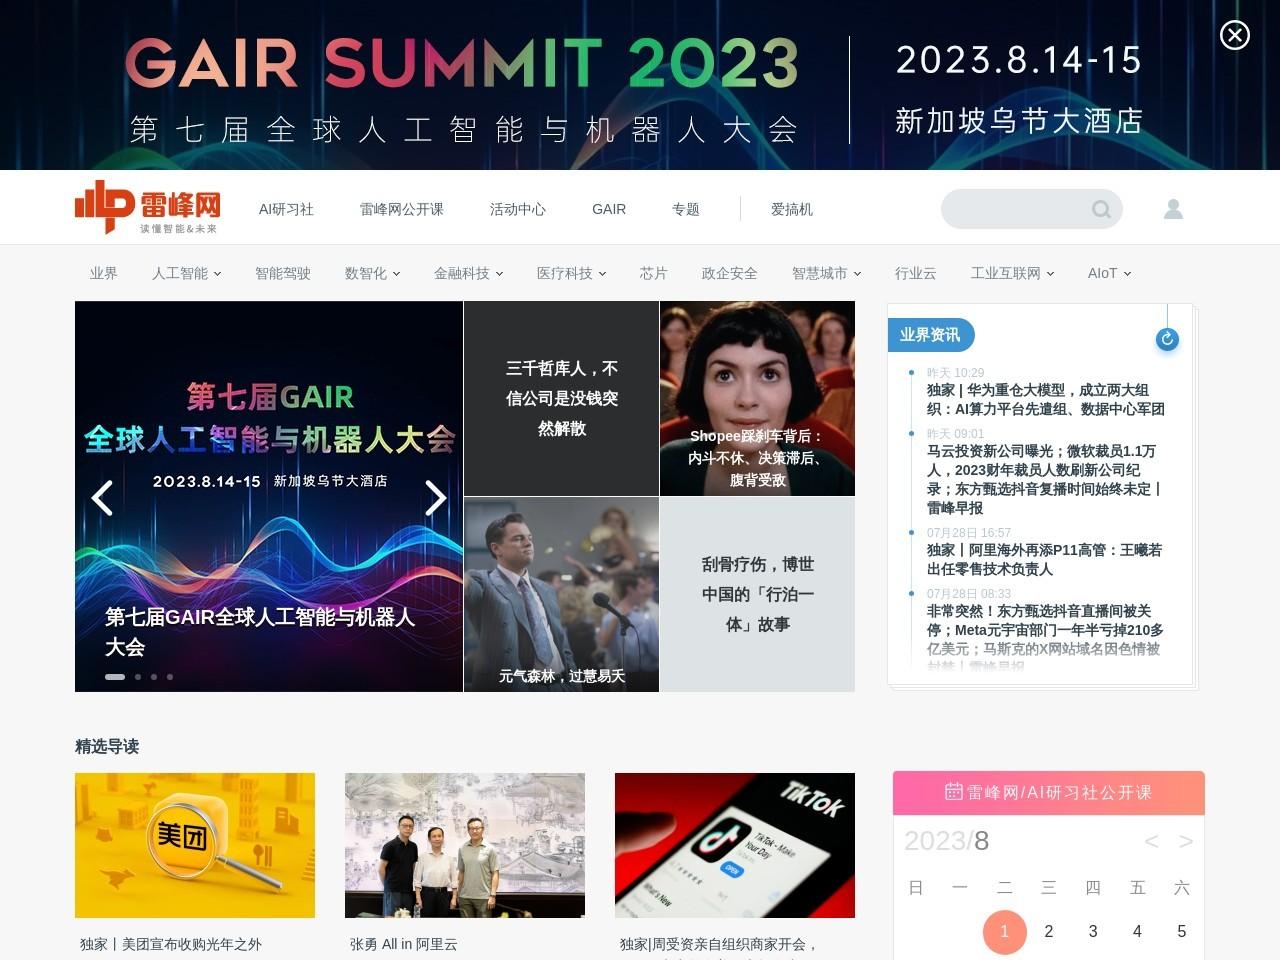 读懂智能&未来(www.leiphone.com)